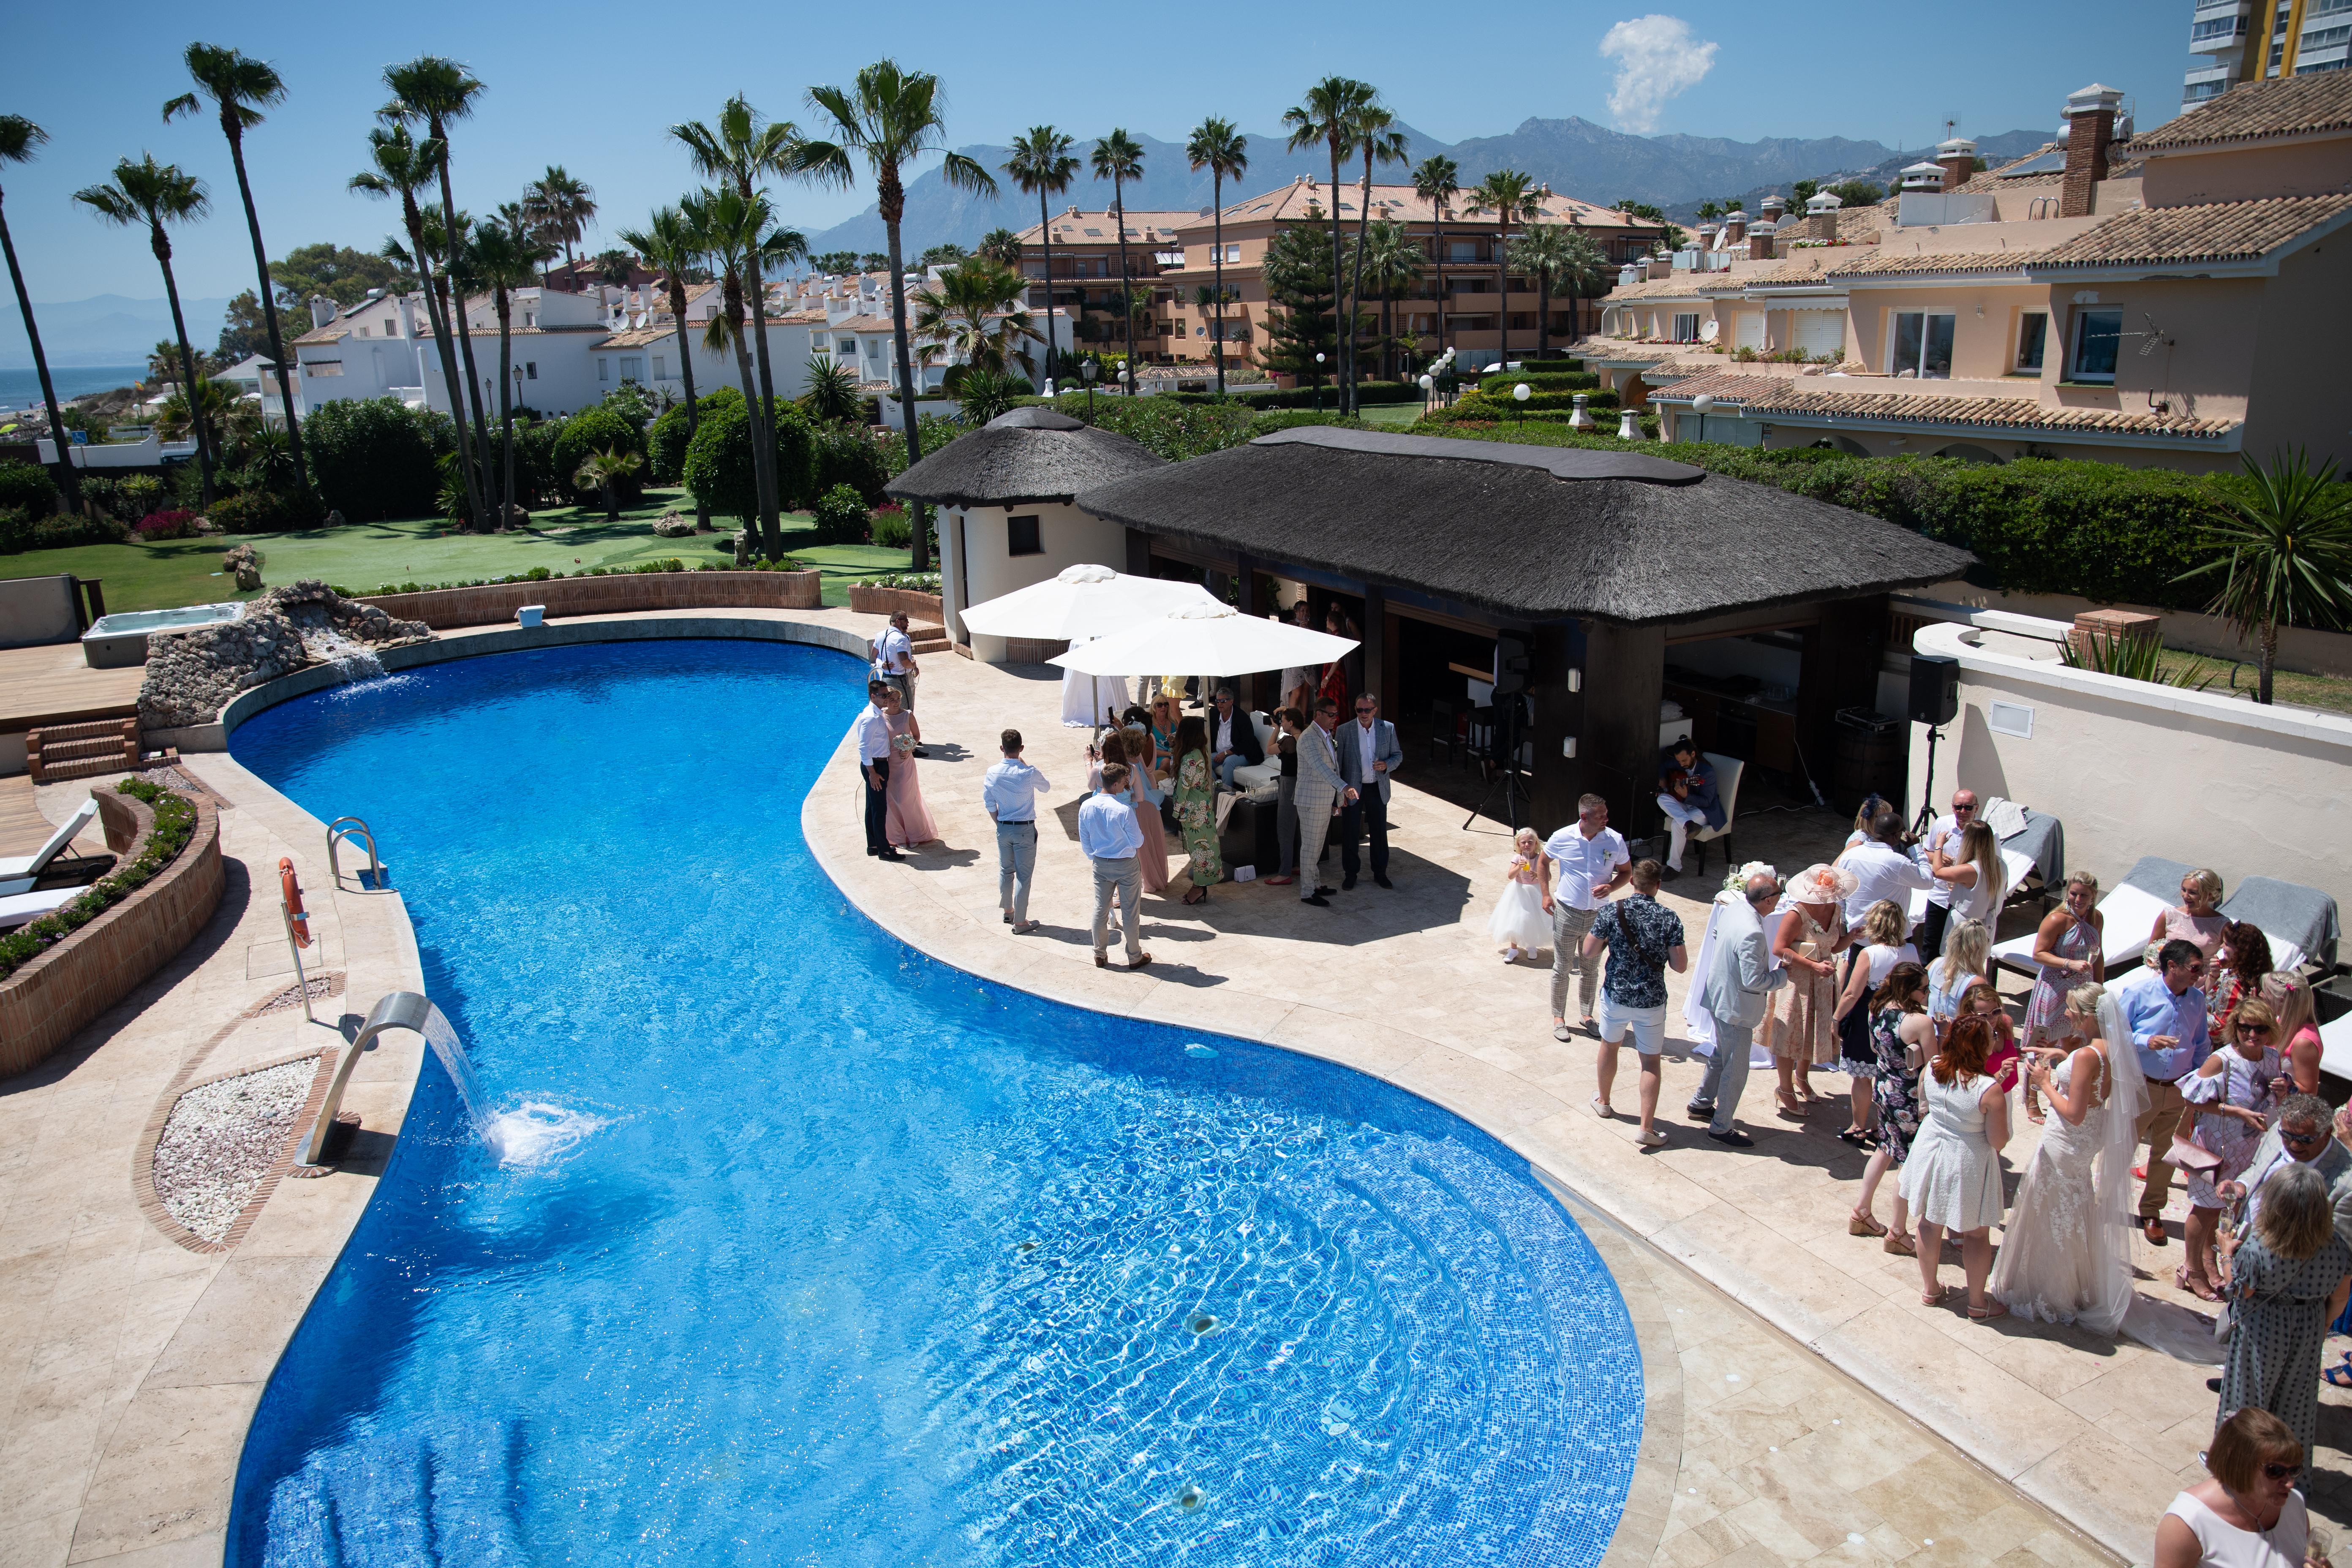 The villa's stunning pool